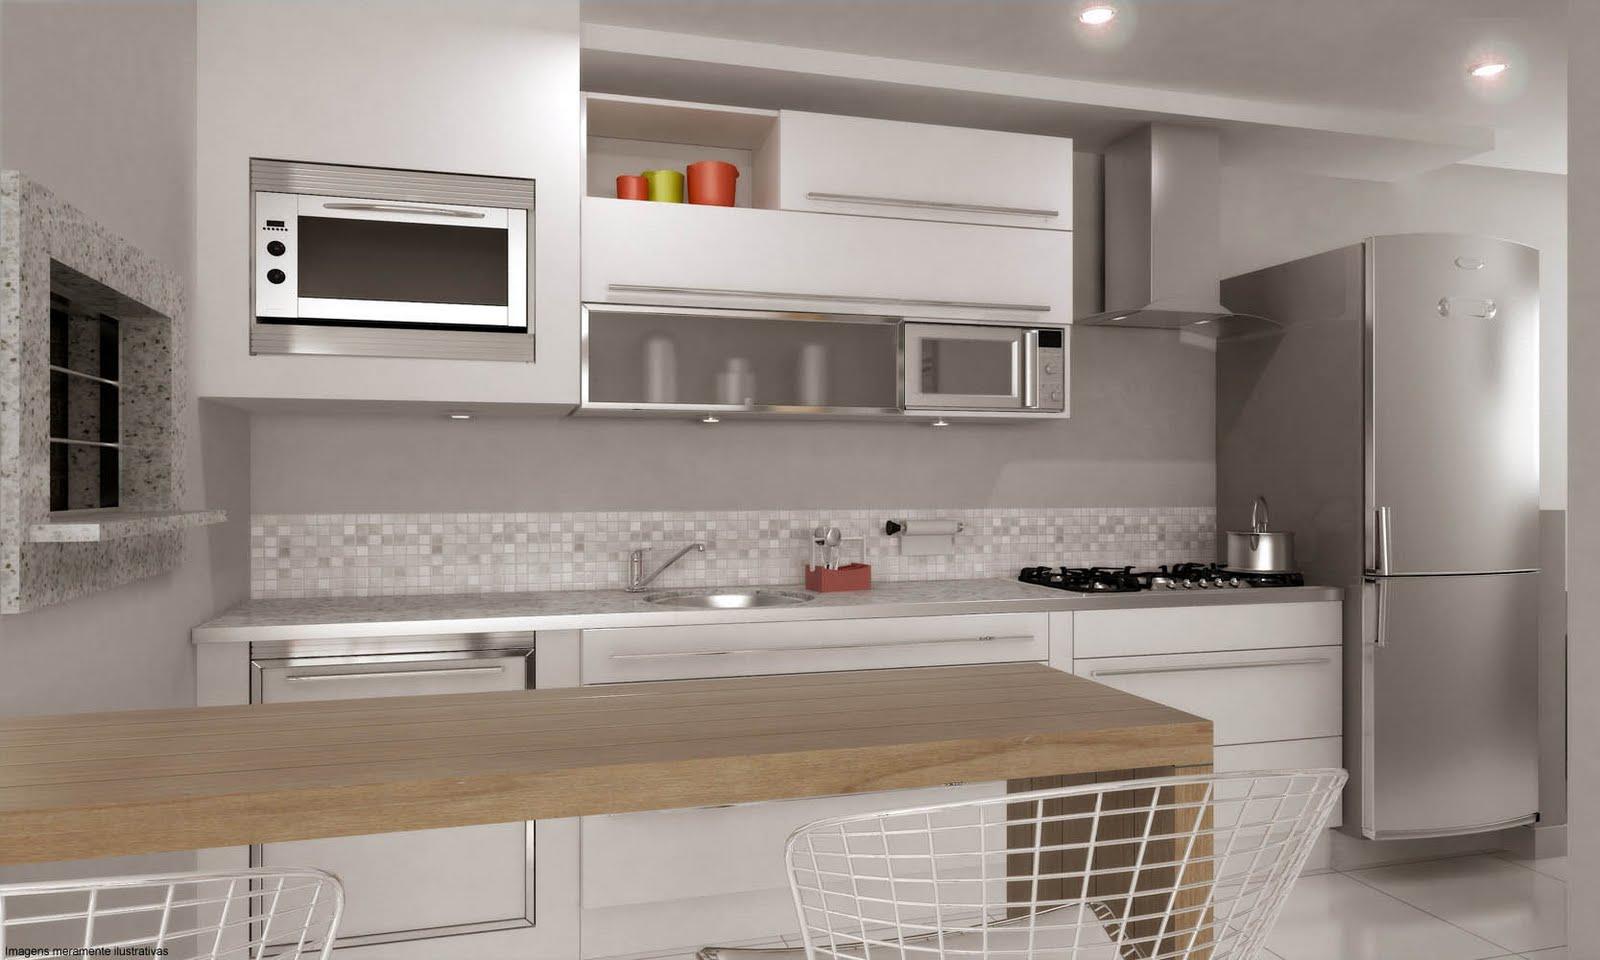 #A43E27 Inn Side Apartamentos 2 dormitórios R$ 129mil* Imóveis Novos 1600x960 px Banquetas Para Cozinha Americana Porto Alegre #1579 imagens